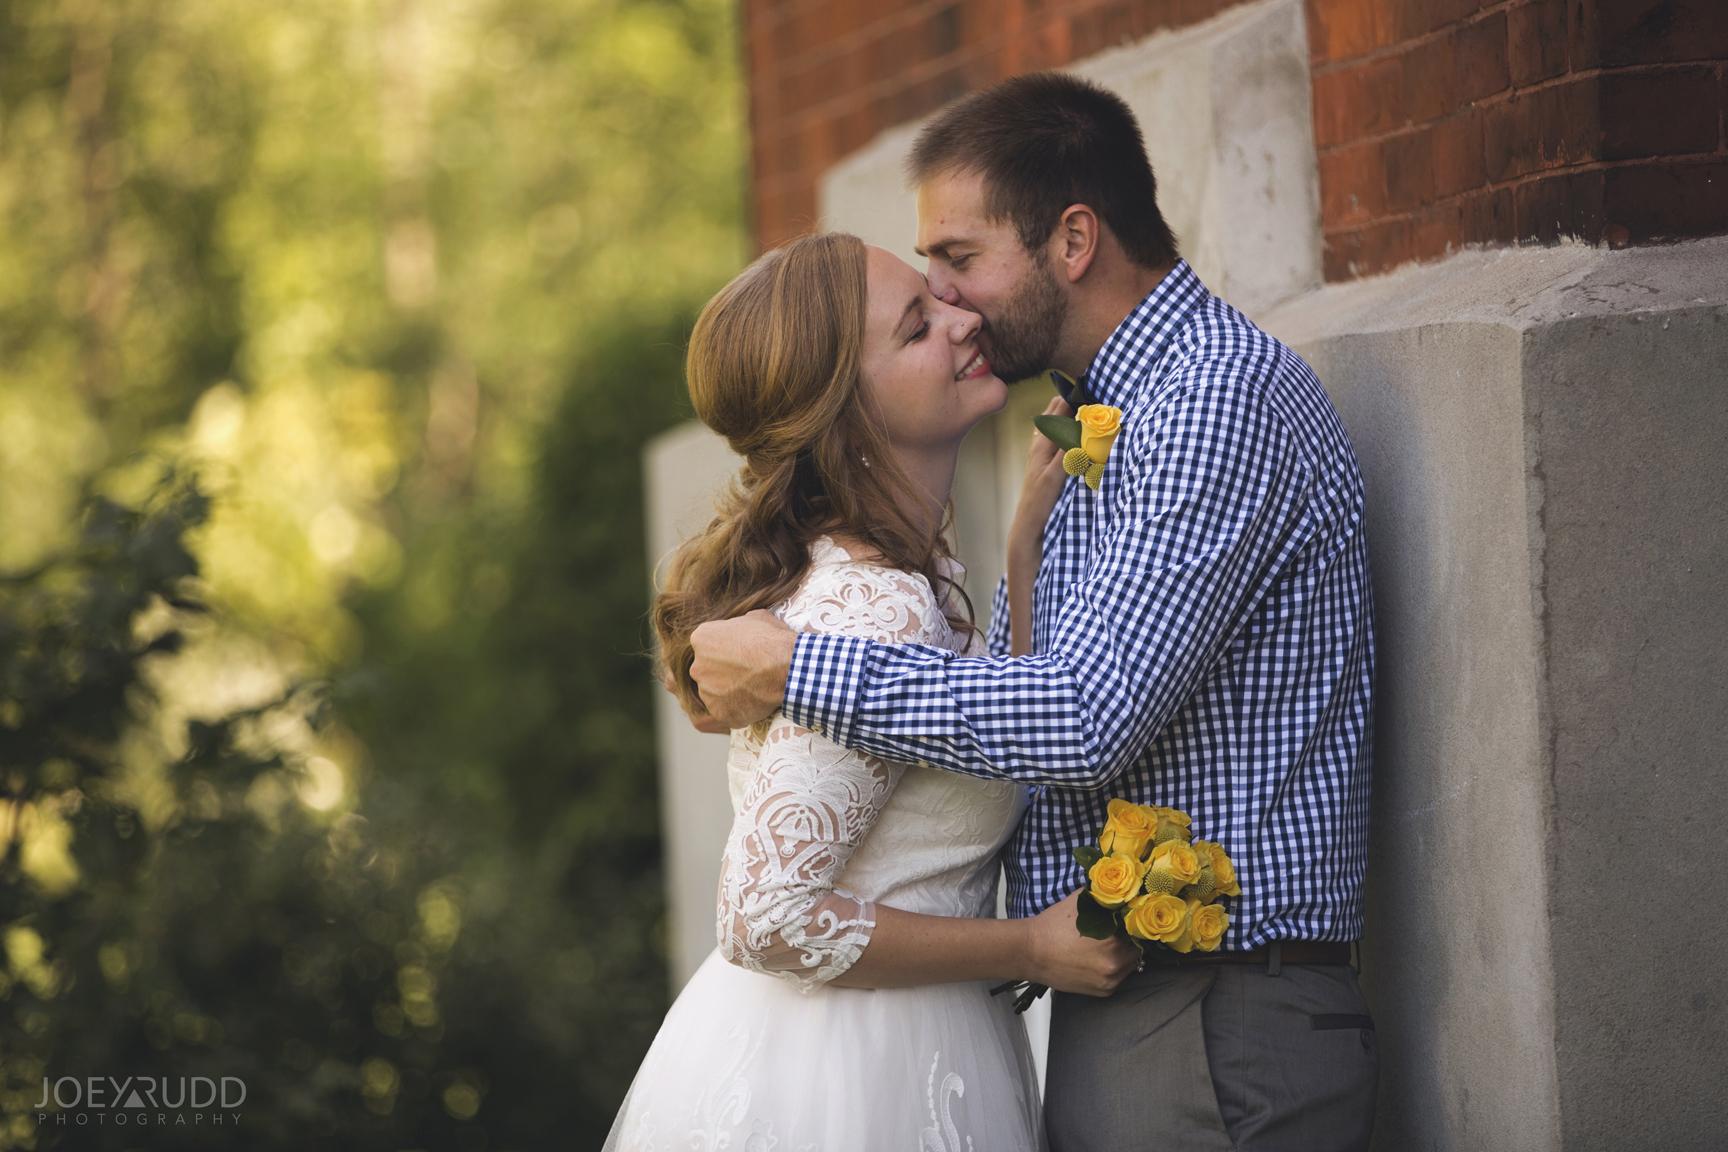 Ottawa Elopement by Joey Rudd Photography Ottawa Wedding Photographer Mer Bleue Ottawa Wedding Chapel Yellow